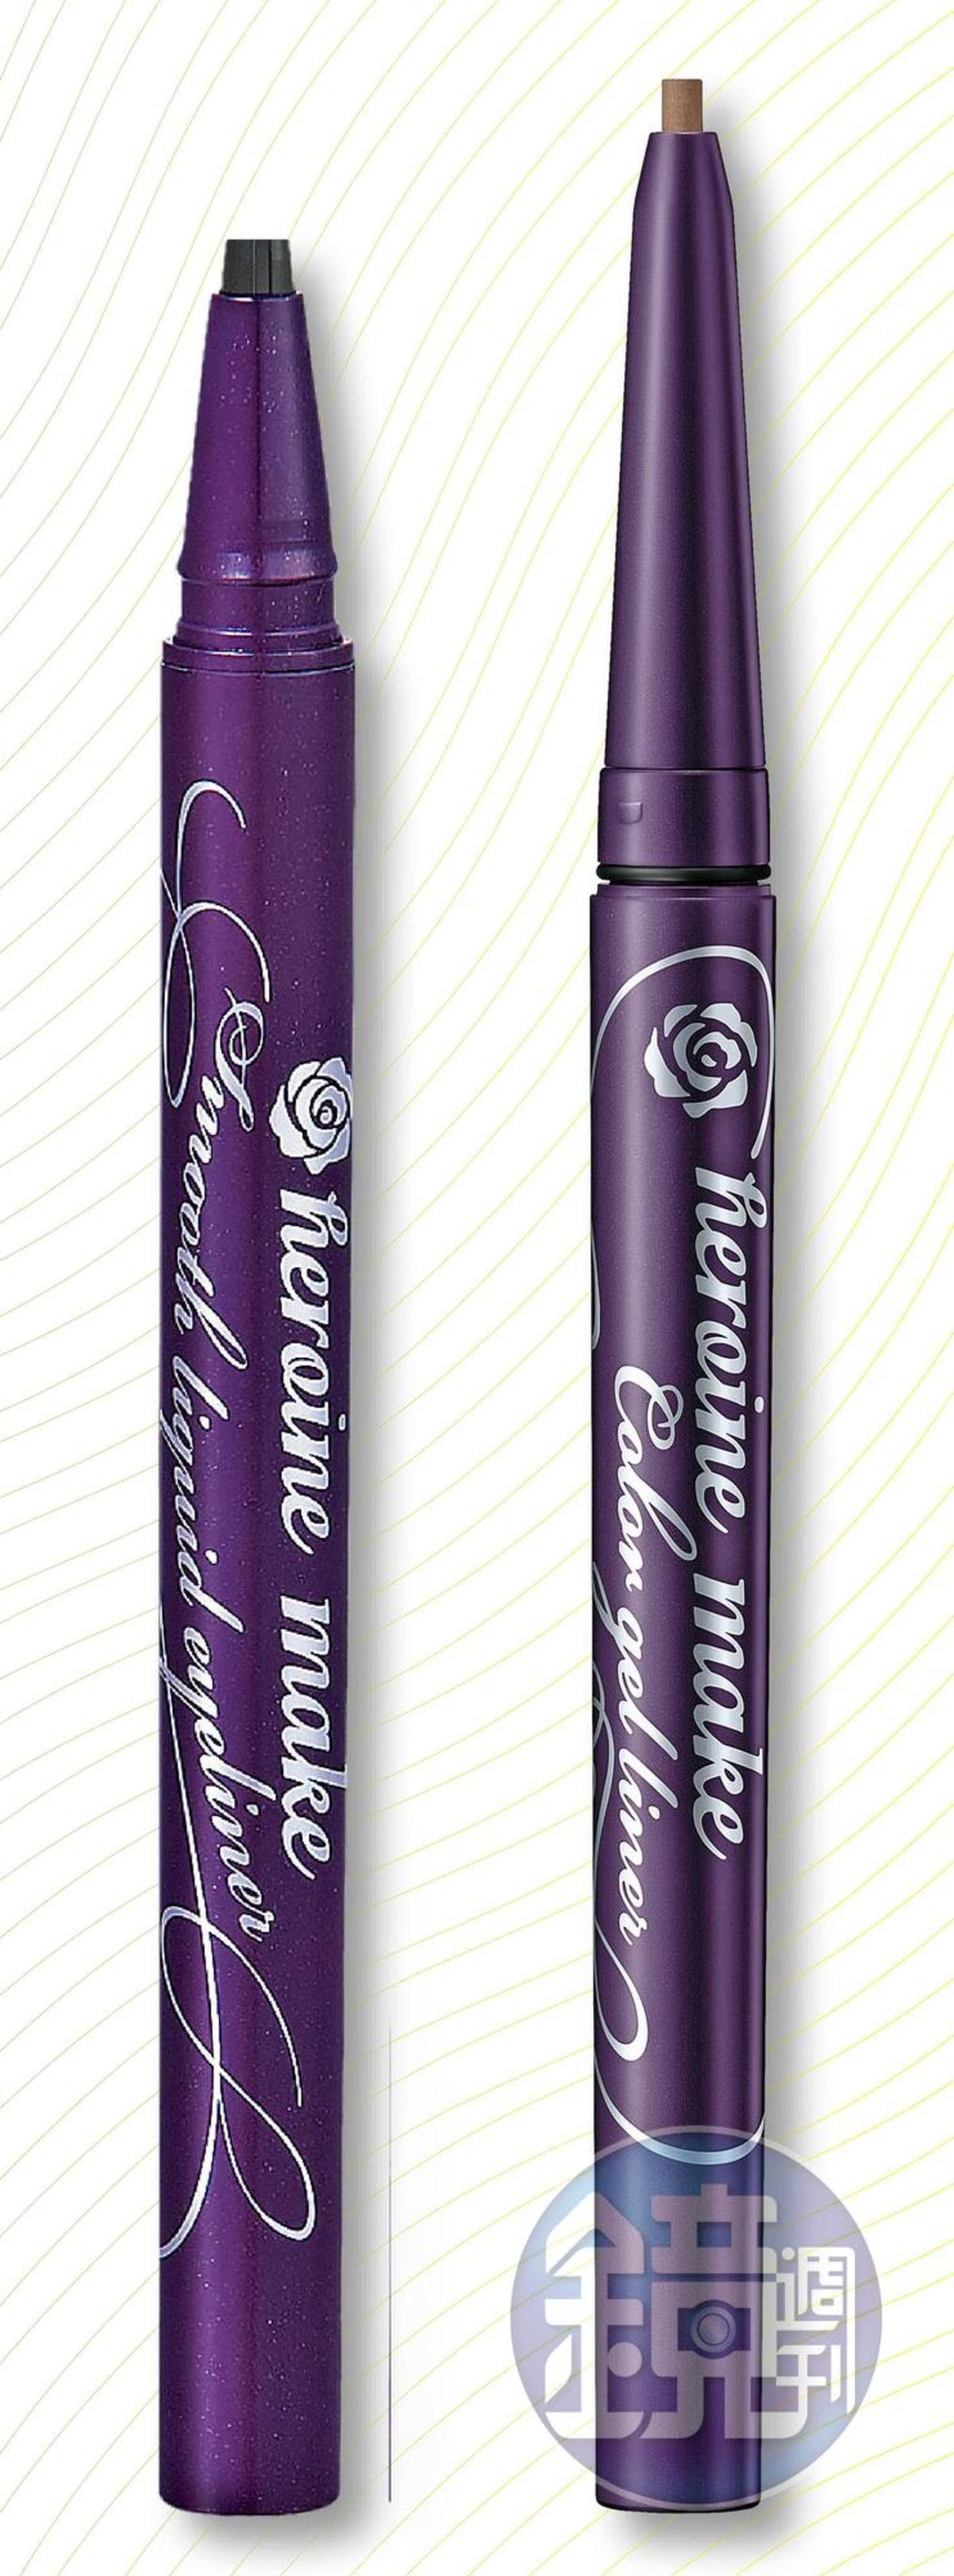 KISSME花漾美姬淚不落絲滑瞬色眼線膠筆(深棕)(右),NT$330;KISSME花漾美姬零阻力絲滑濃黑眼線液筆(左),NT$350。